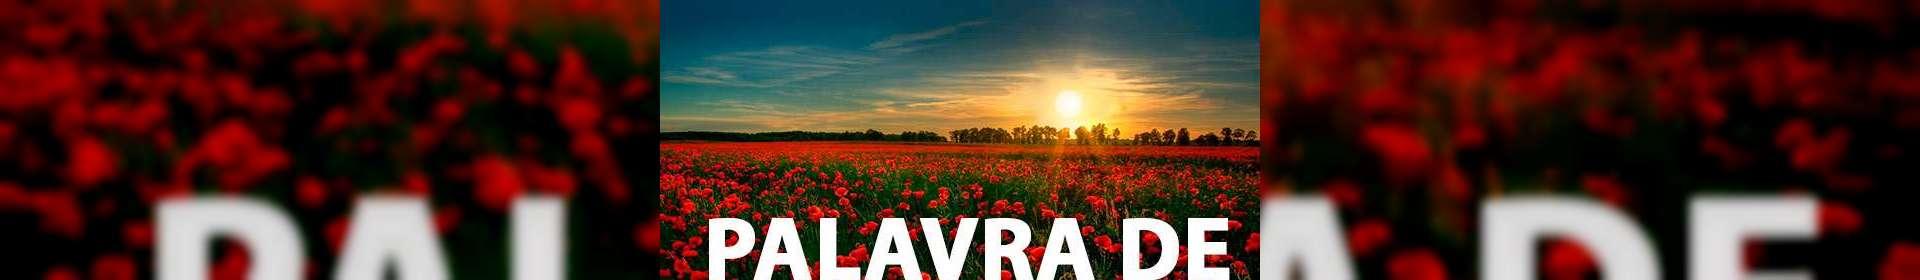 Salmos 38:22 - Uma Palavra de Esperança para sua vida